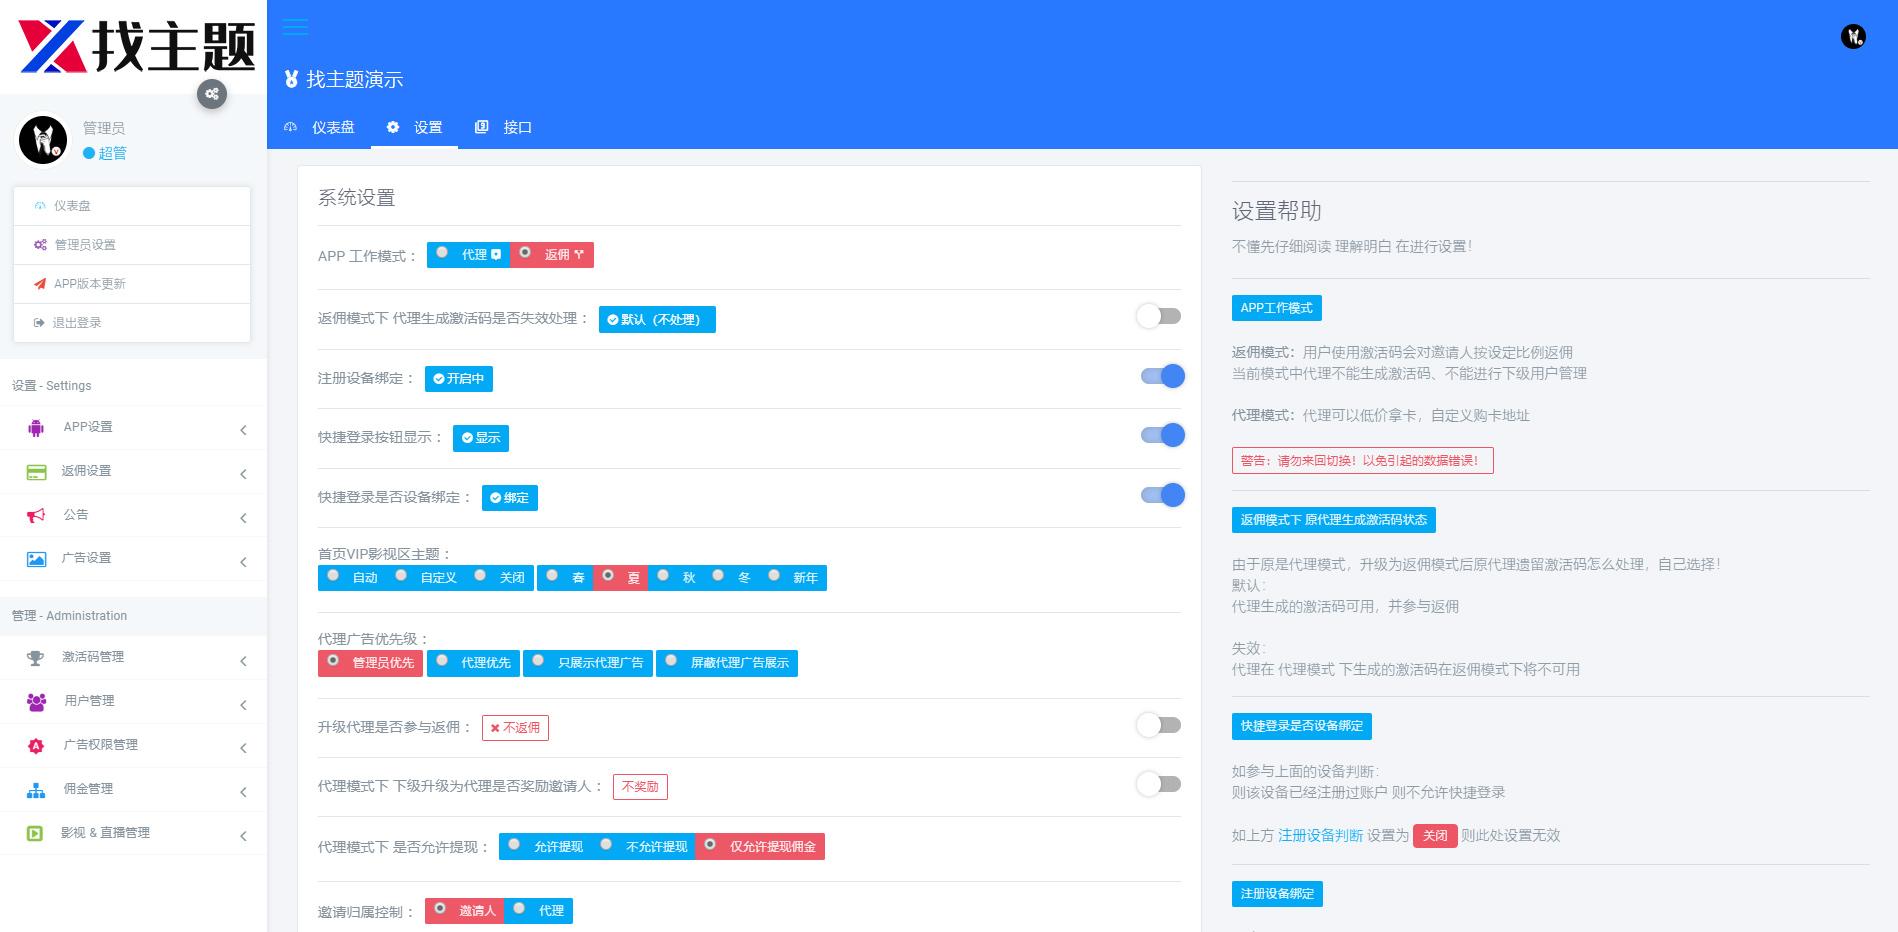 2020四月全新APICLOUD美化版千月超靓双端定制双模式多级返佣影视视频APP原版源码[亲测带演示]插图(19)